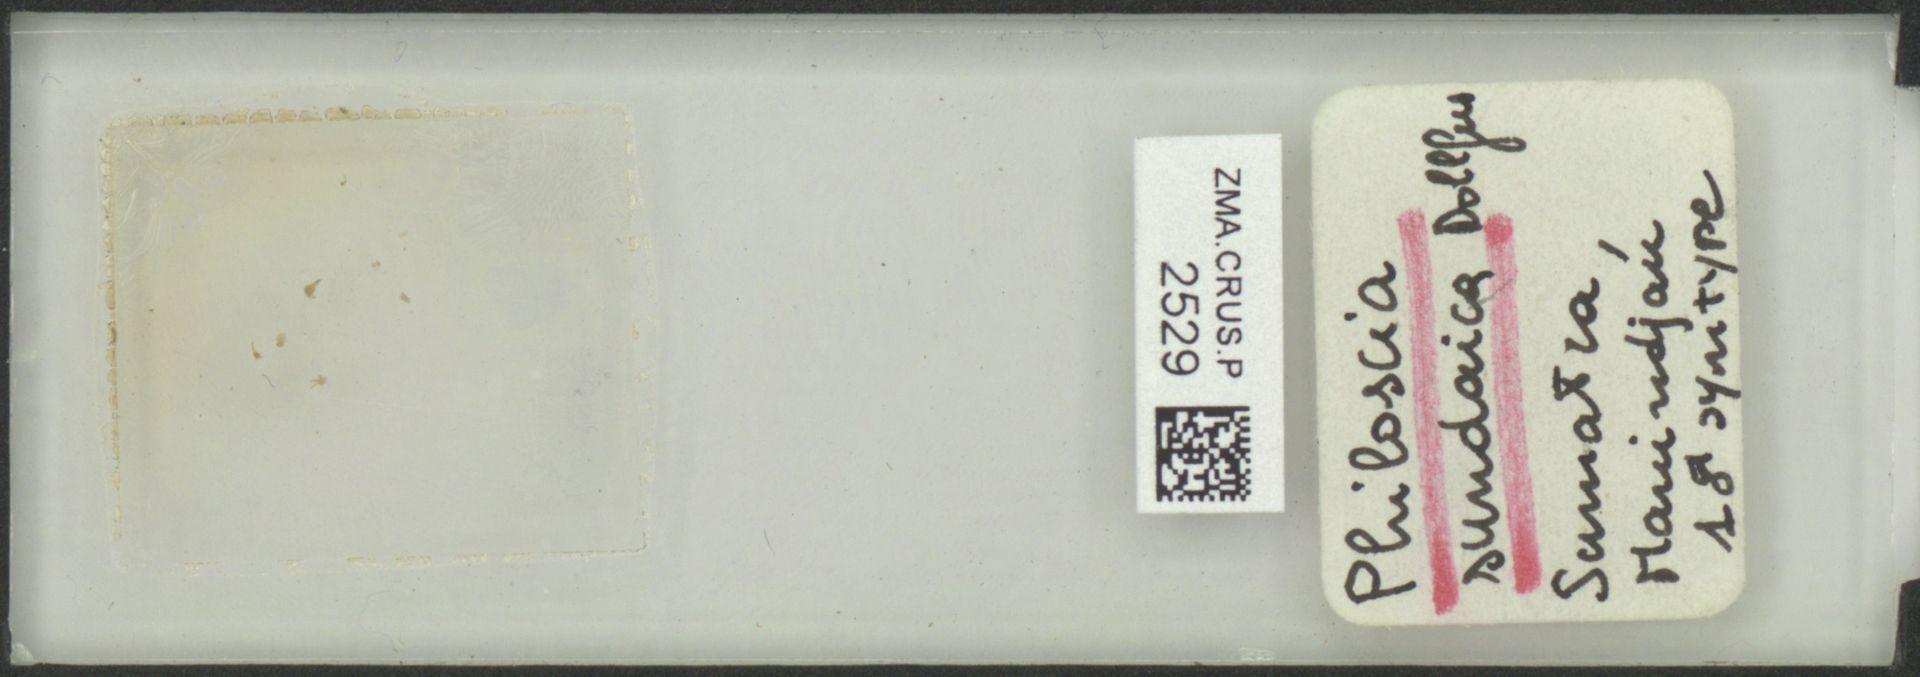 ZMA.CRUS.P.2529   Philoscia sundaica Dollfus